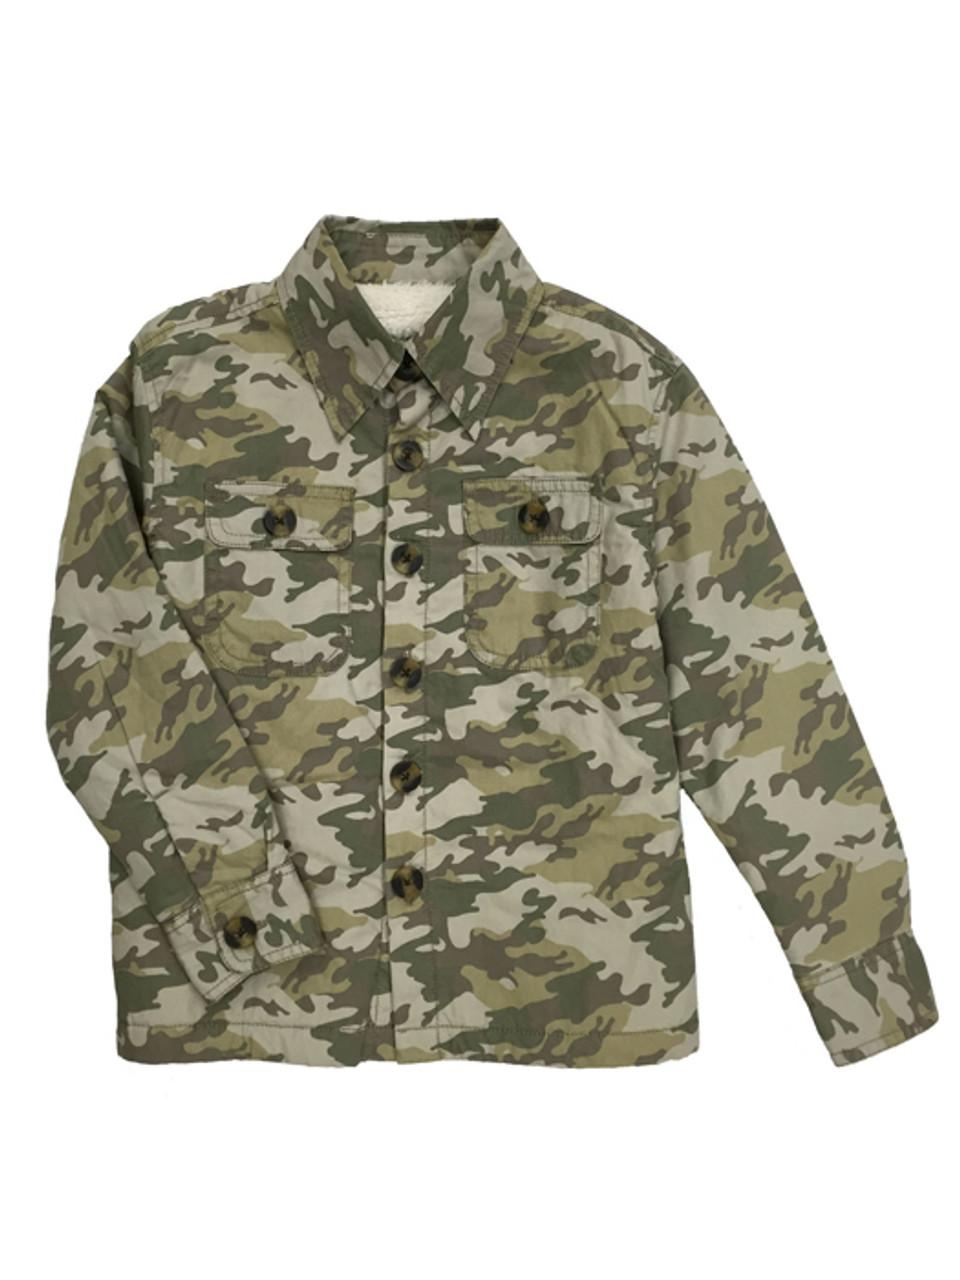 8a6b11b0b Peek Toddler Boys Camo Jacket | Berri Kids Resale Boutique